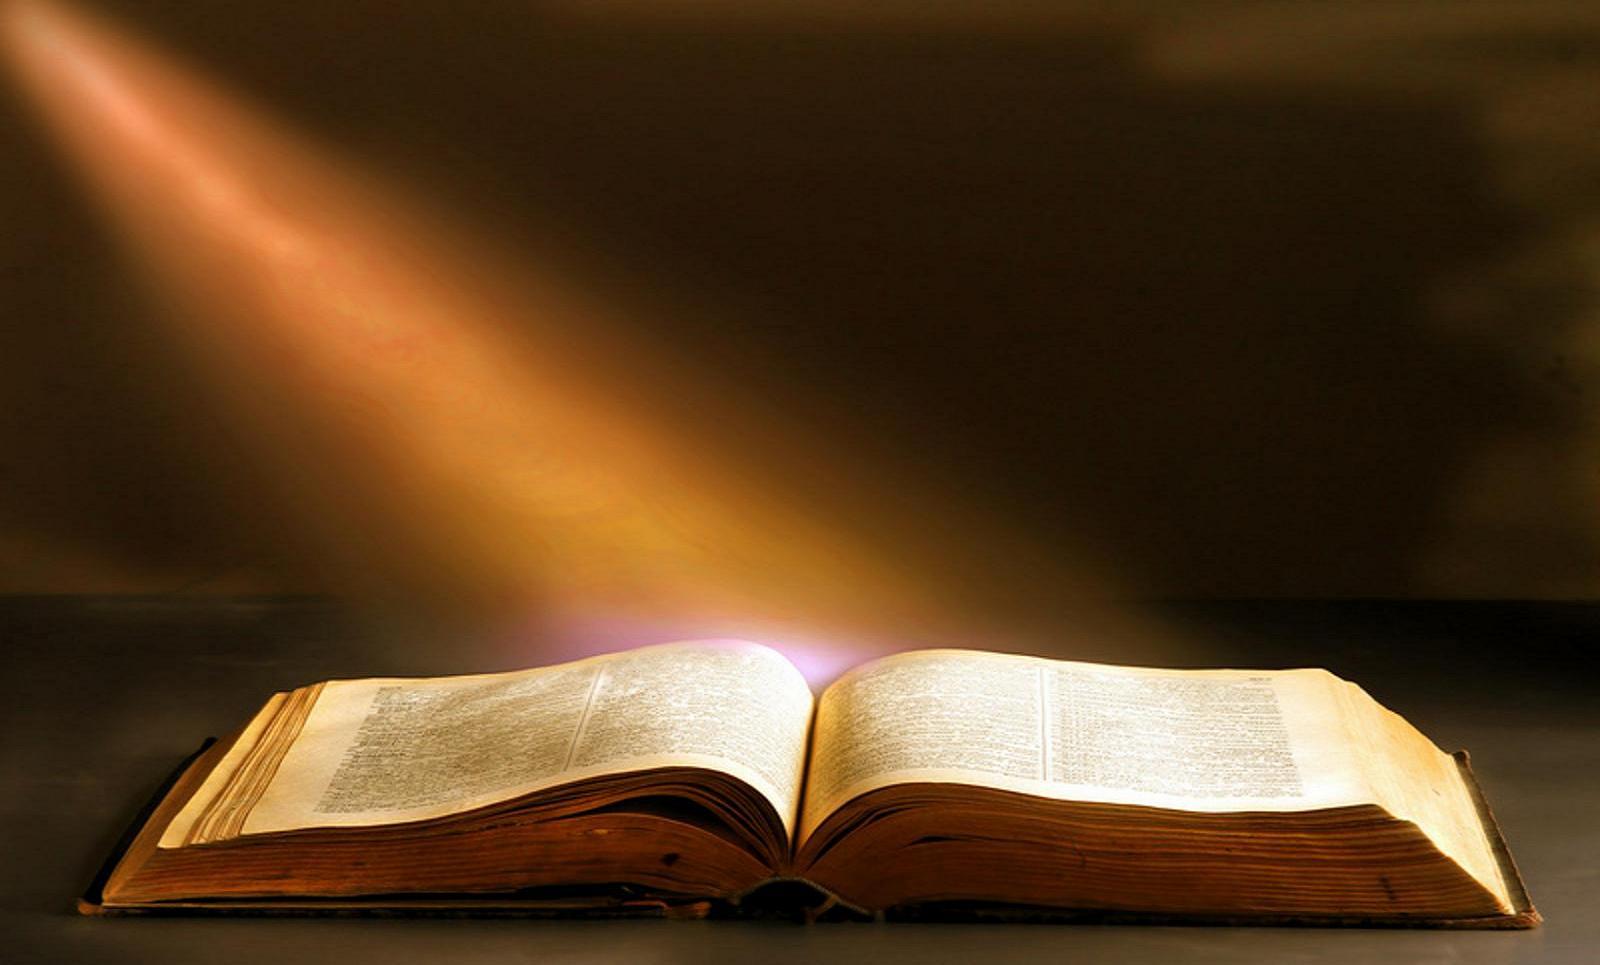 ▷ Sonhar Com Bíblia Sagrada é Bom Presságio?